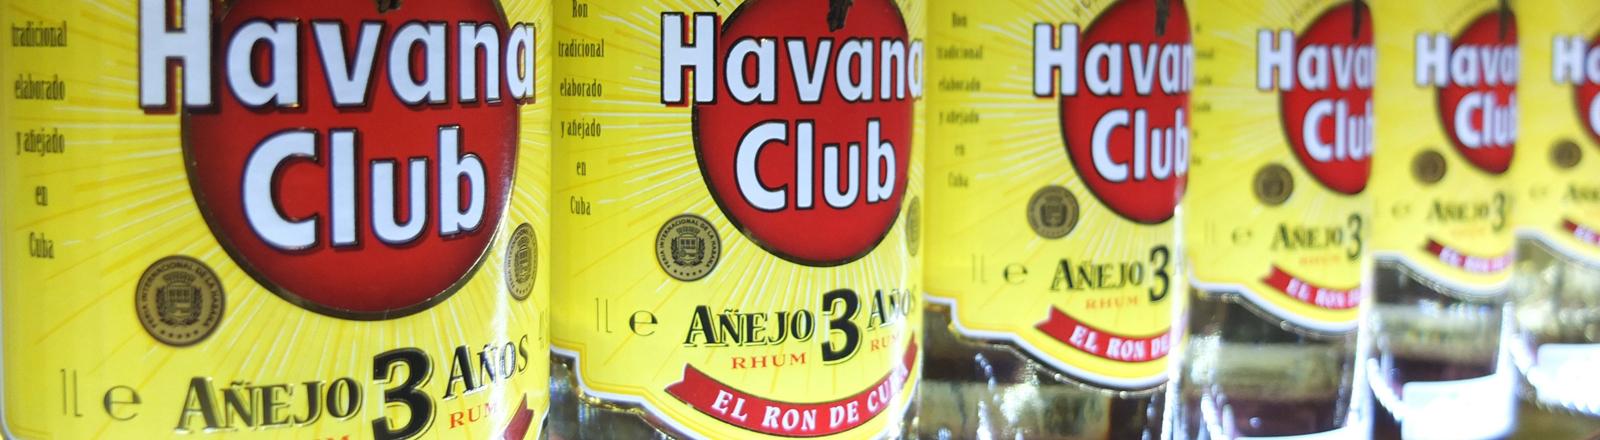 """""""Havana Club""""-Flaschen stehen in einem Regal."""